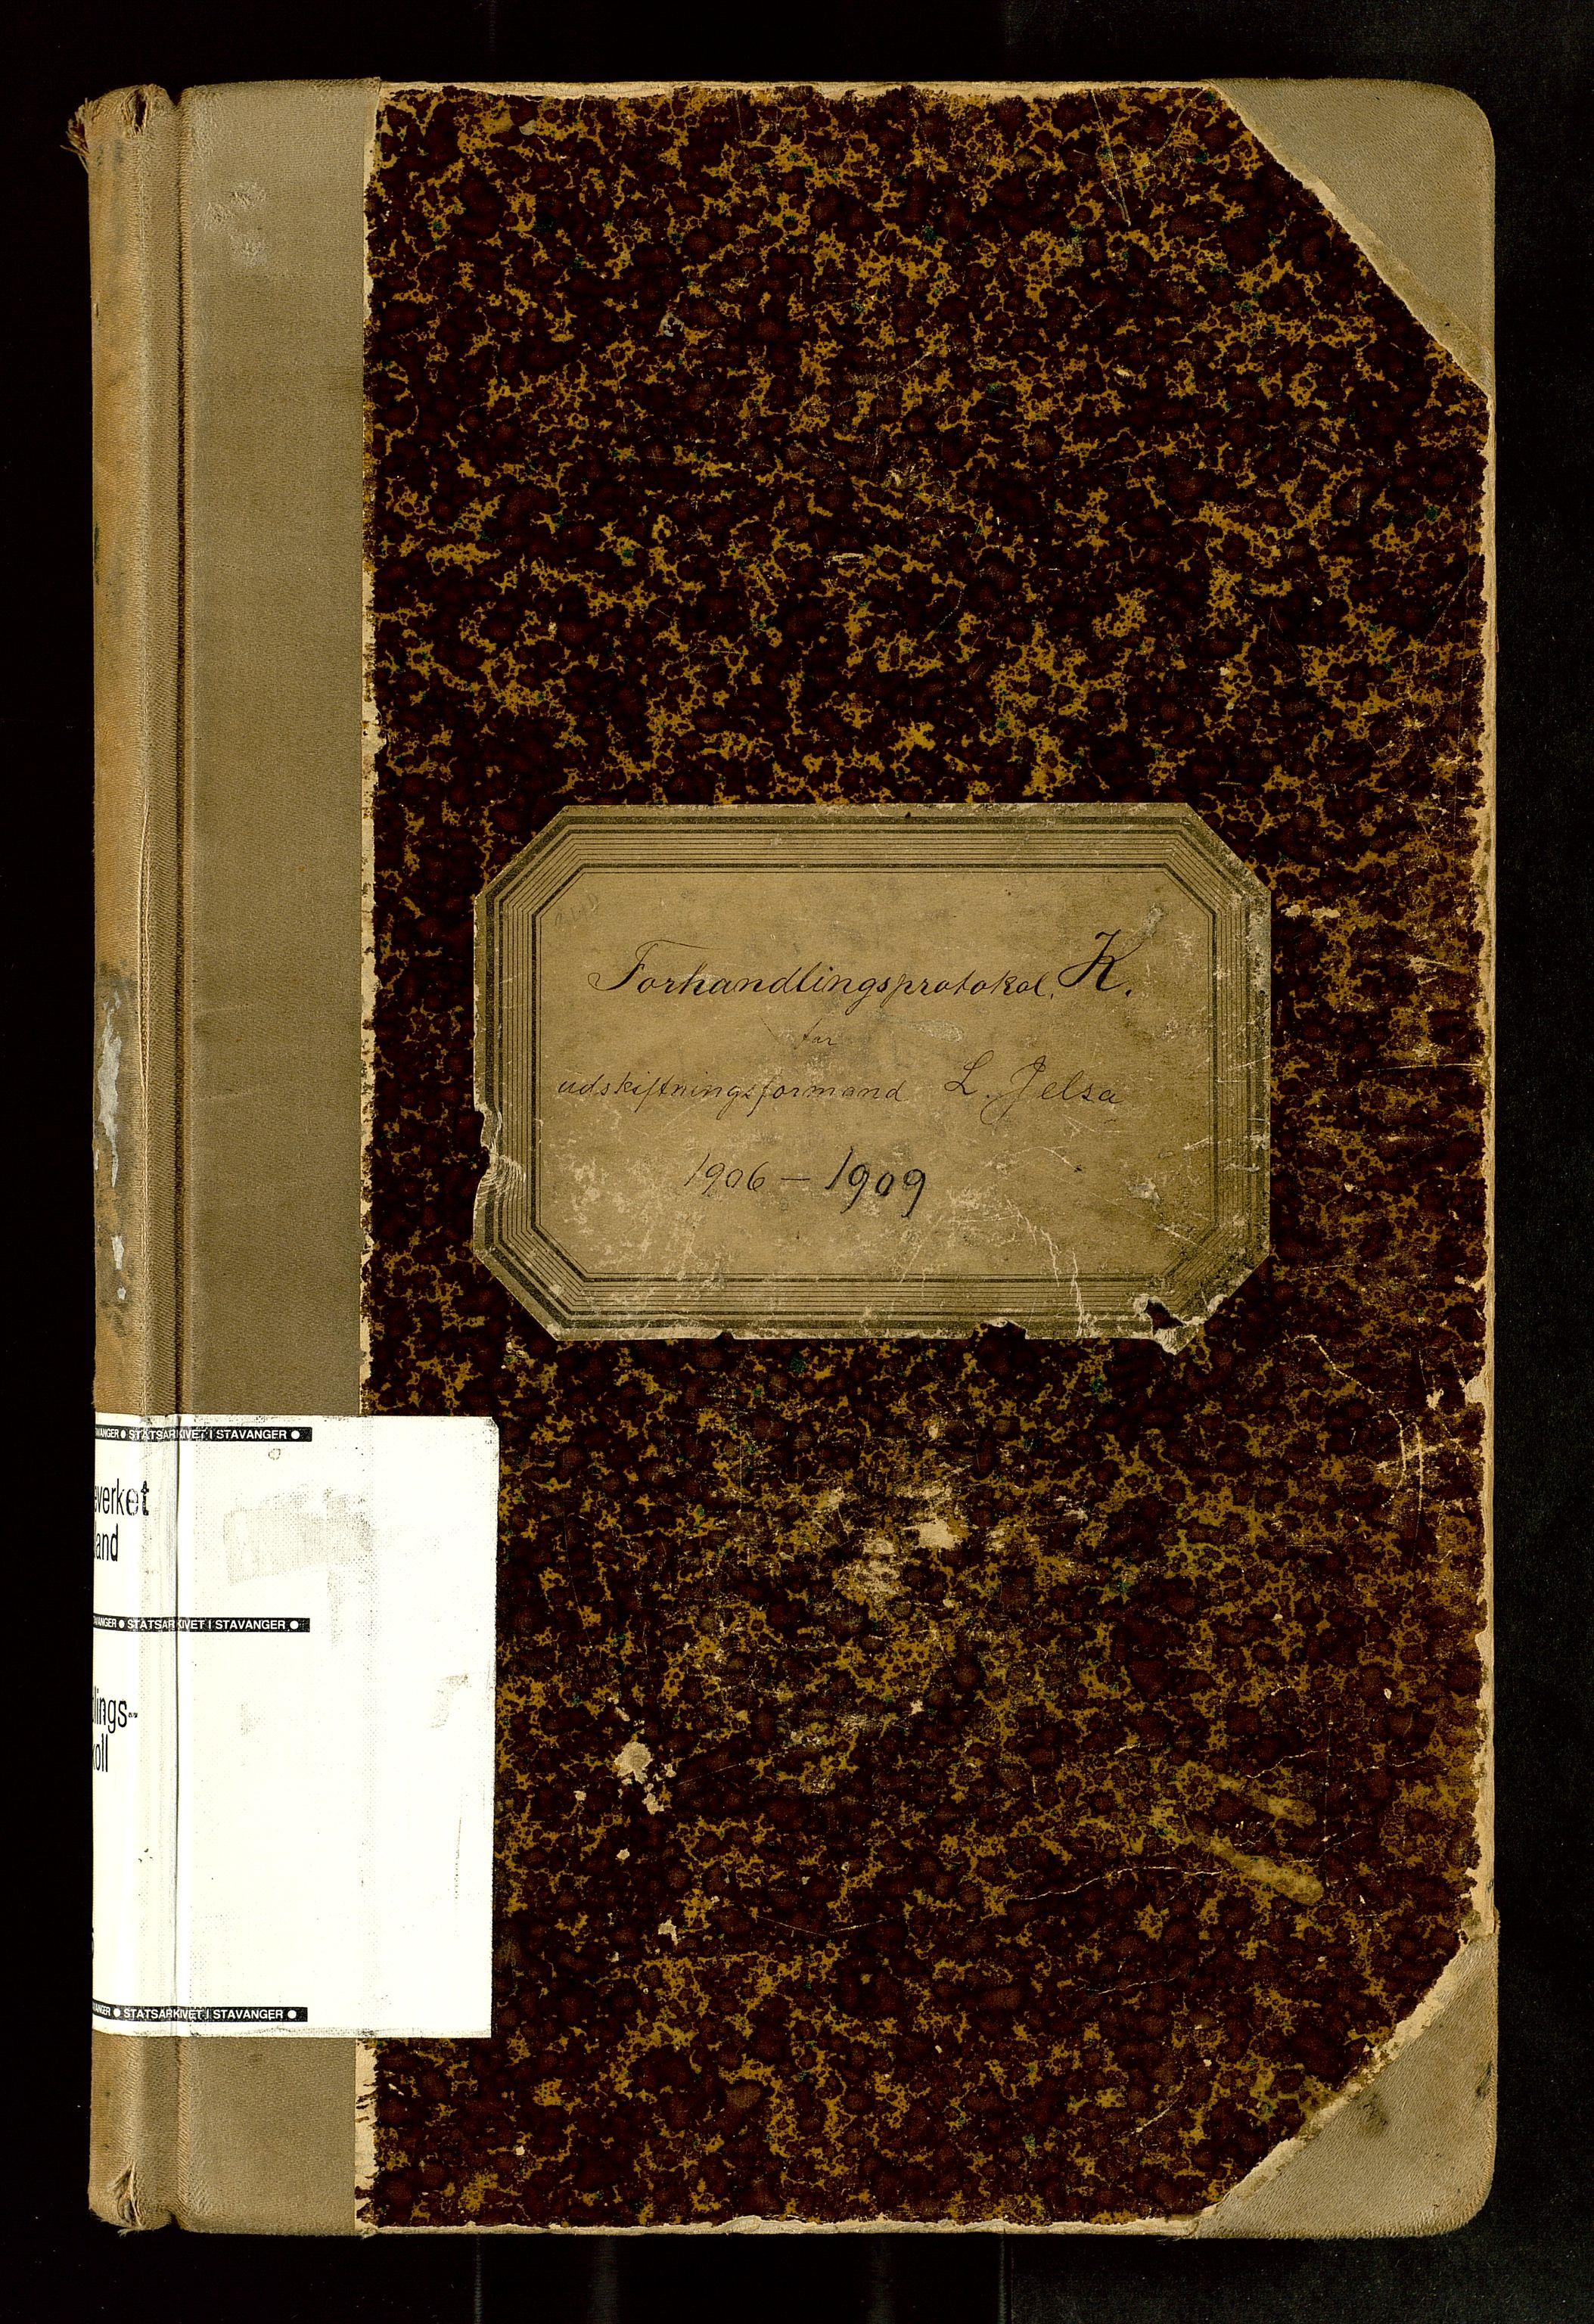 SAST, Rogaland jordskifterett, Oa/L0065: Forhandlingsprotokoll, 1906-1909